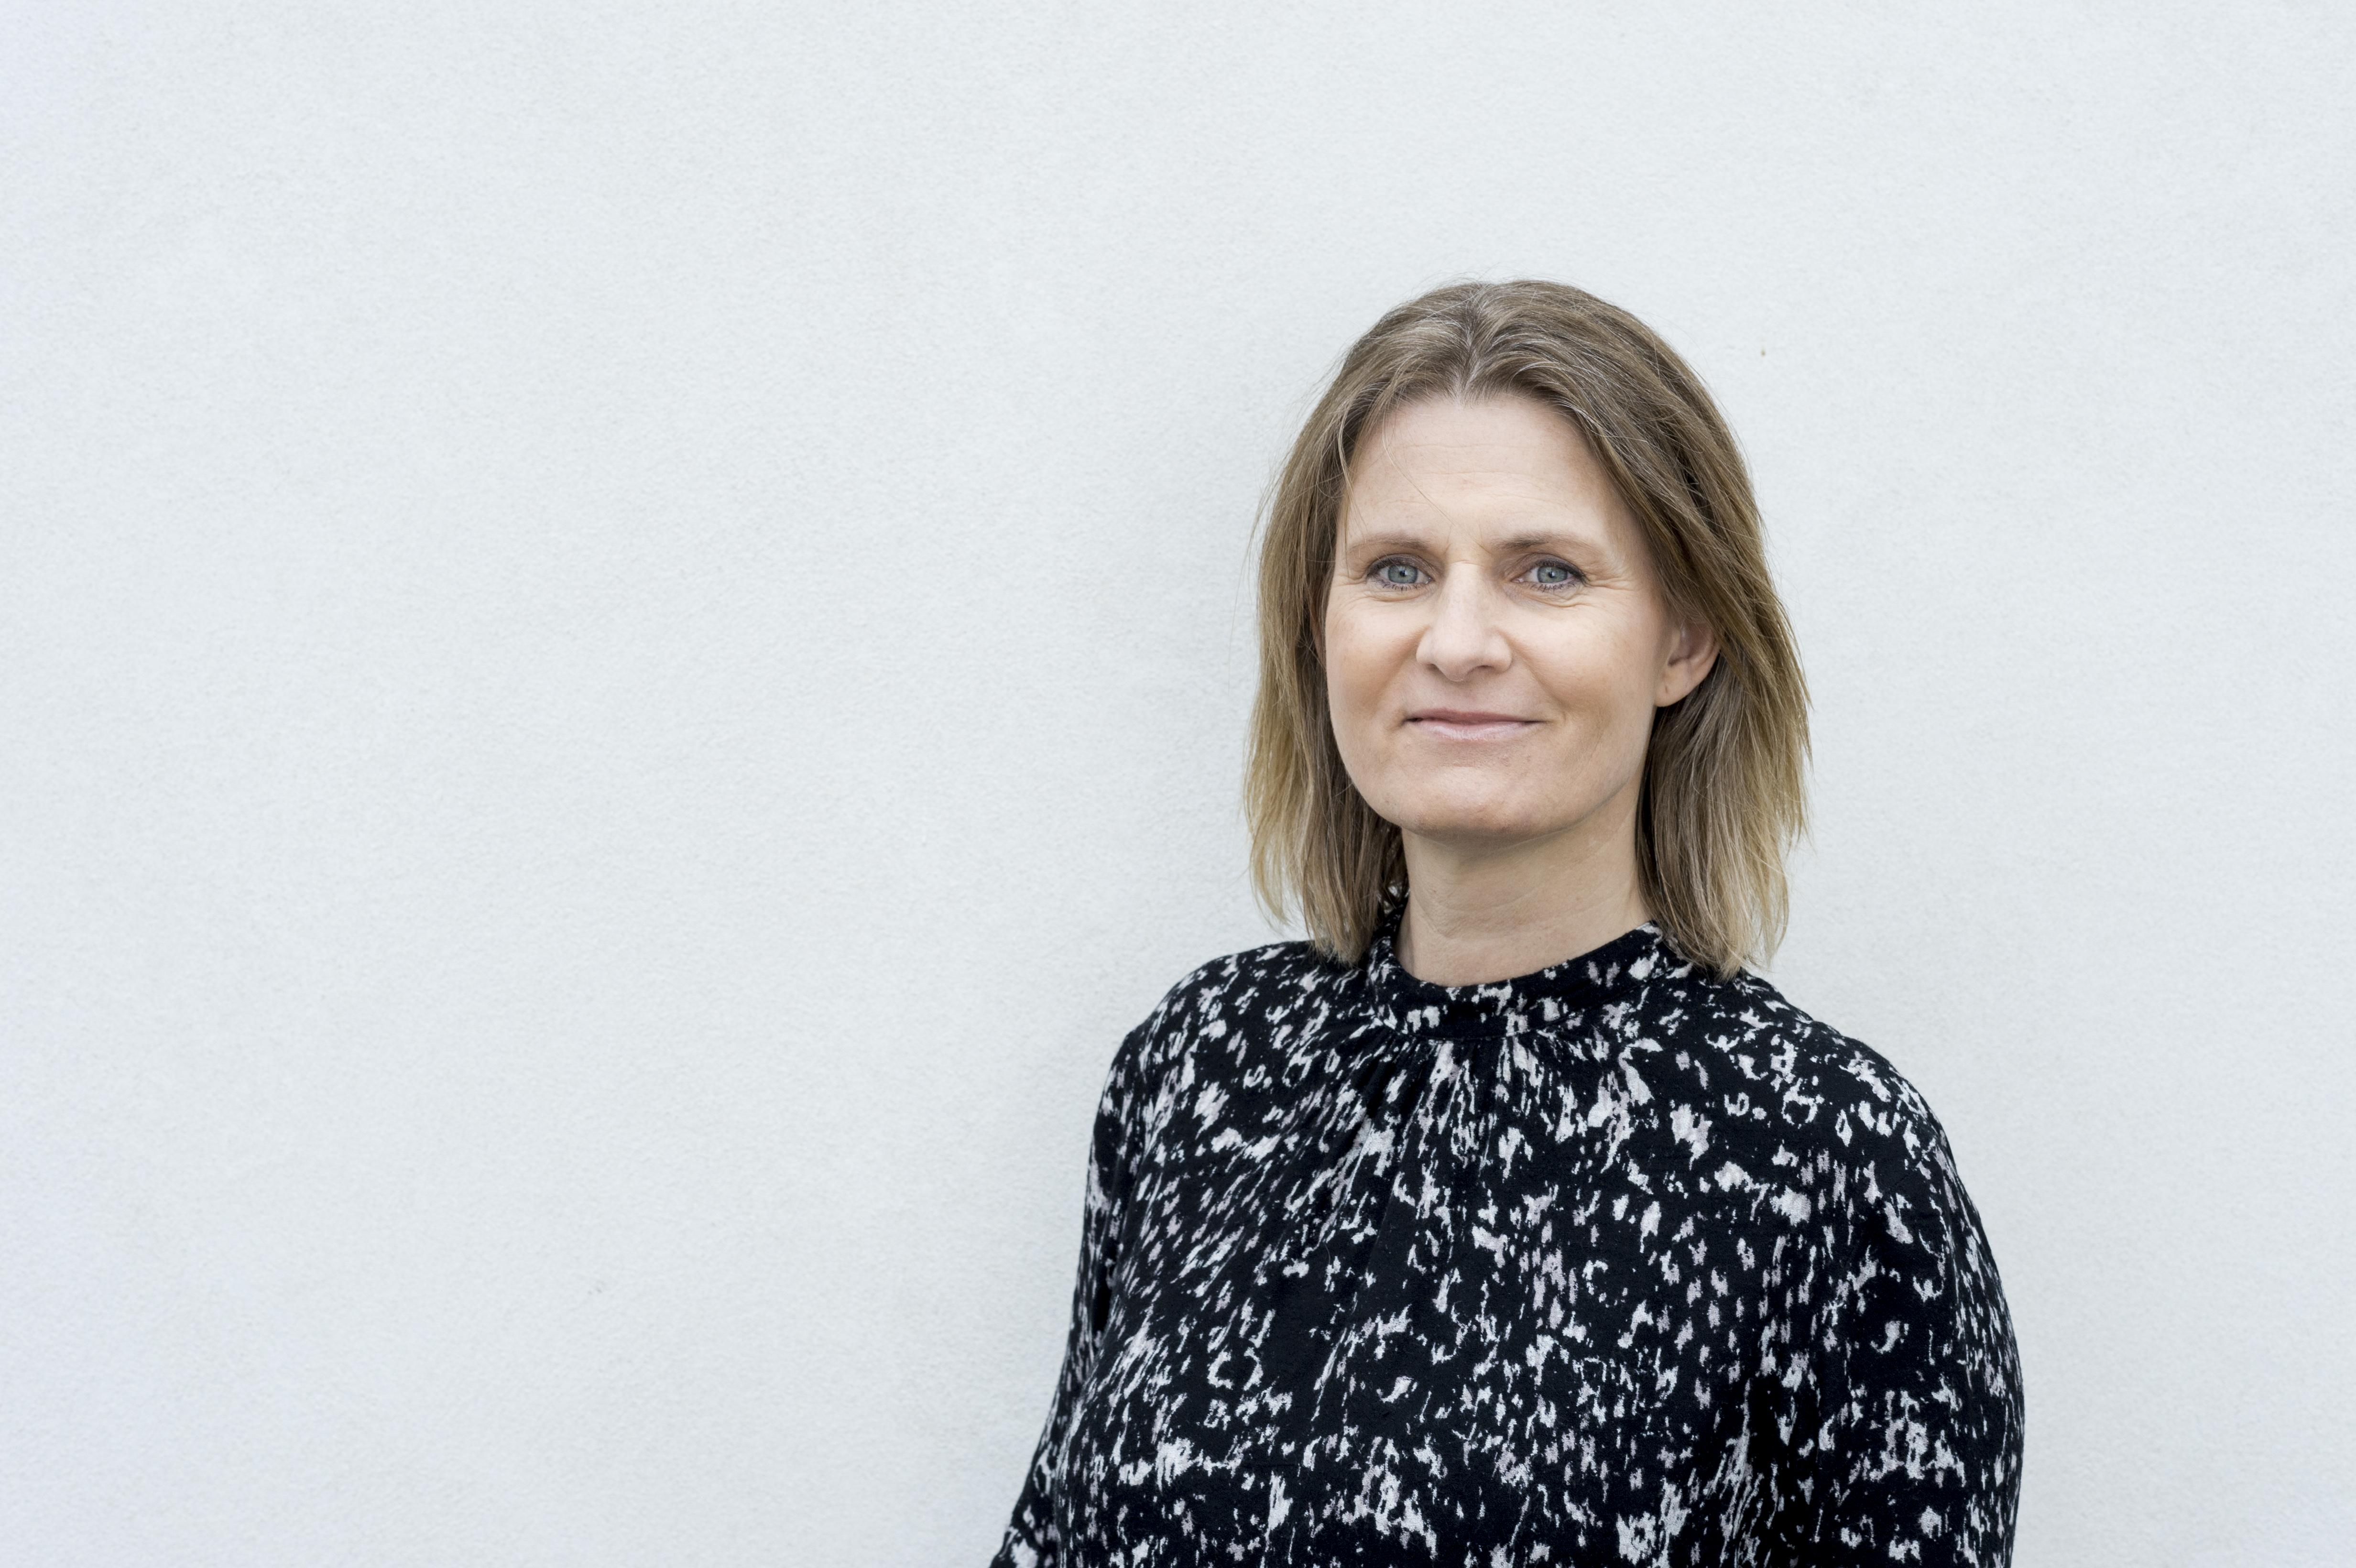 dansk moden sex massage charlottenlund